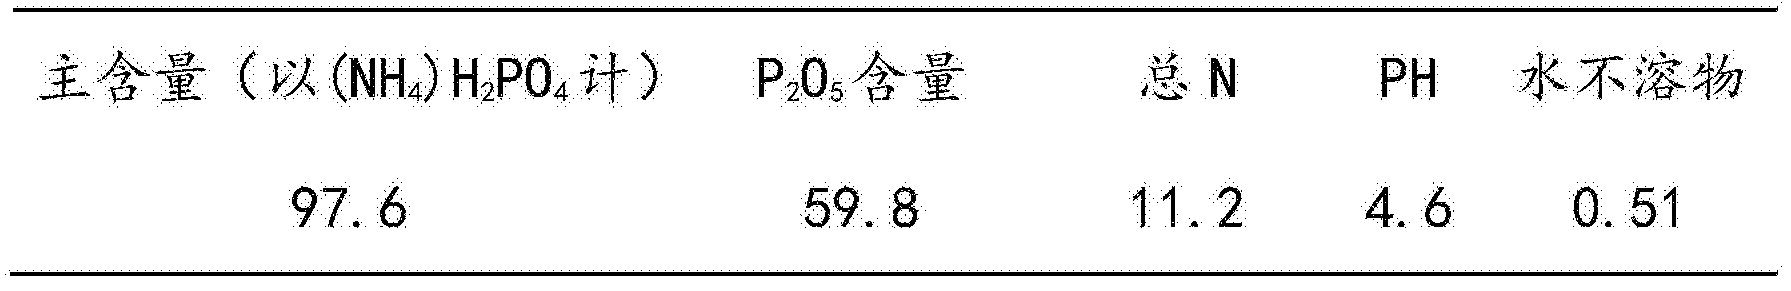 Figure CN105197905BD00113